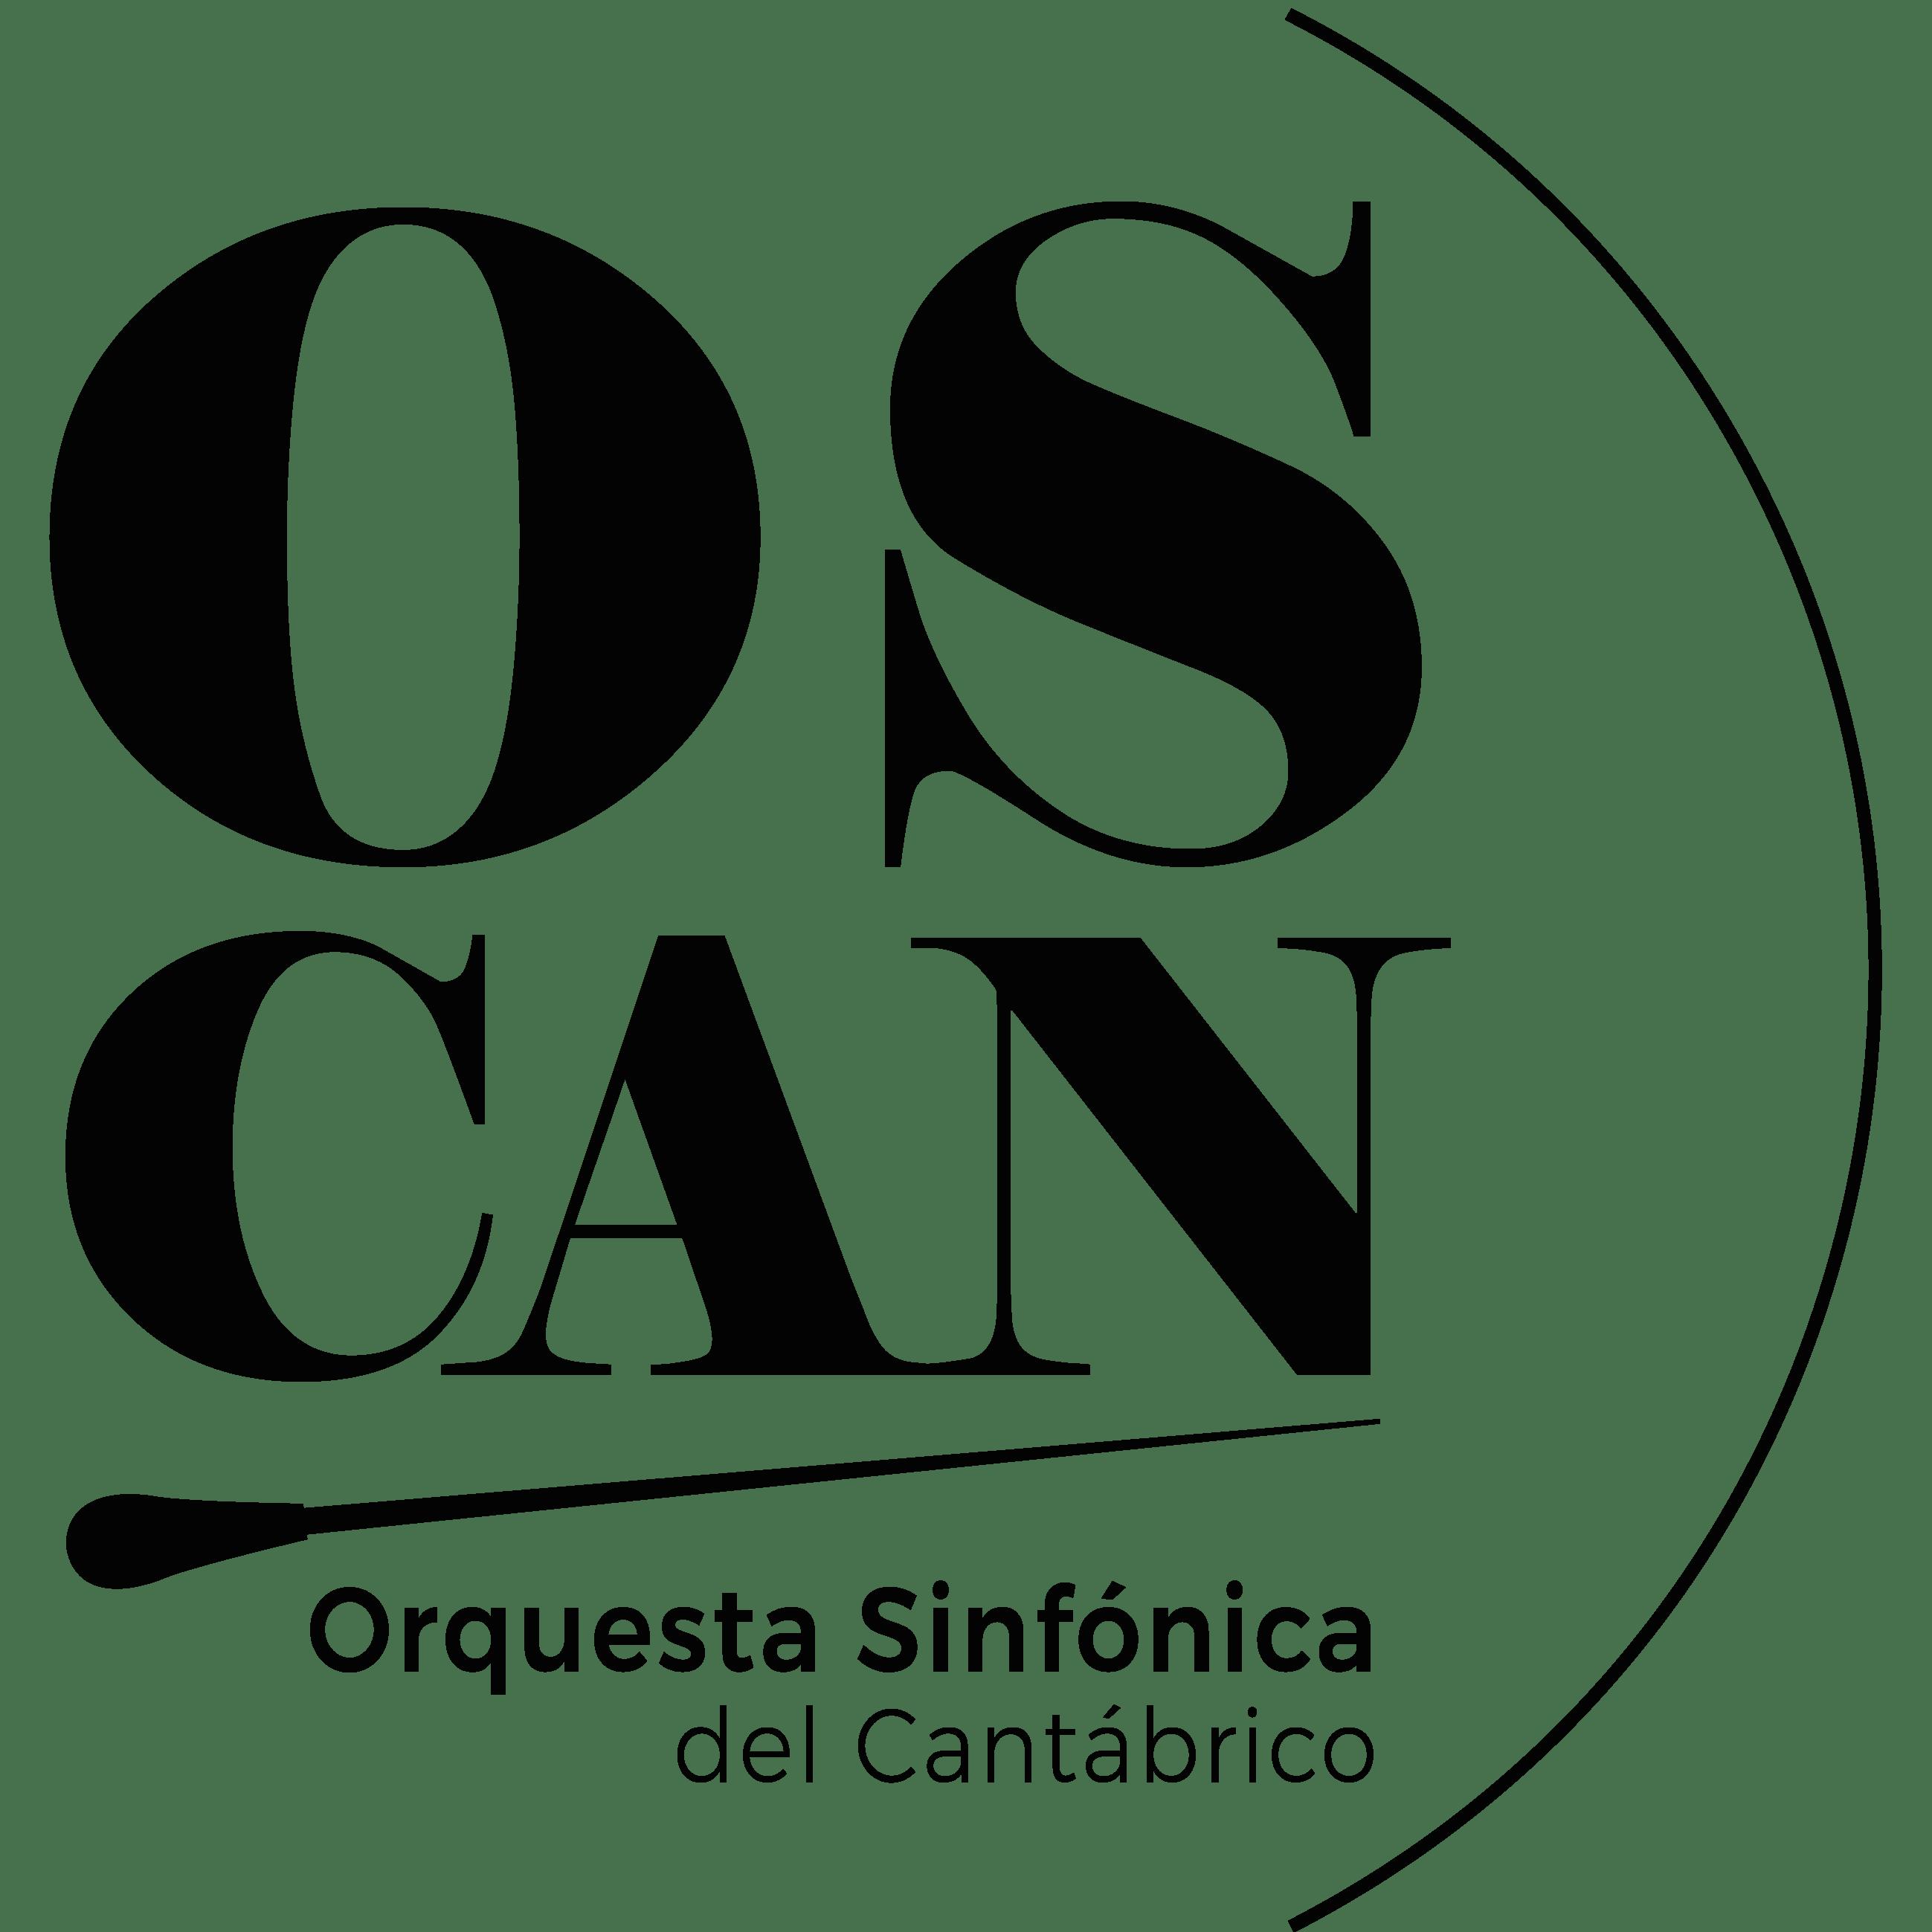 """""""La Orquesta Sinfónica del Cantábrico convoca audiciones para ópera de Astor Piazzolla» en Cantabria"""